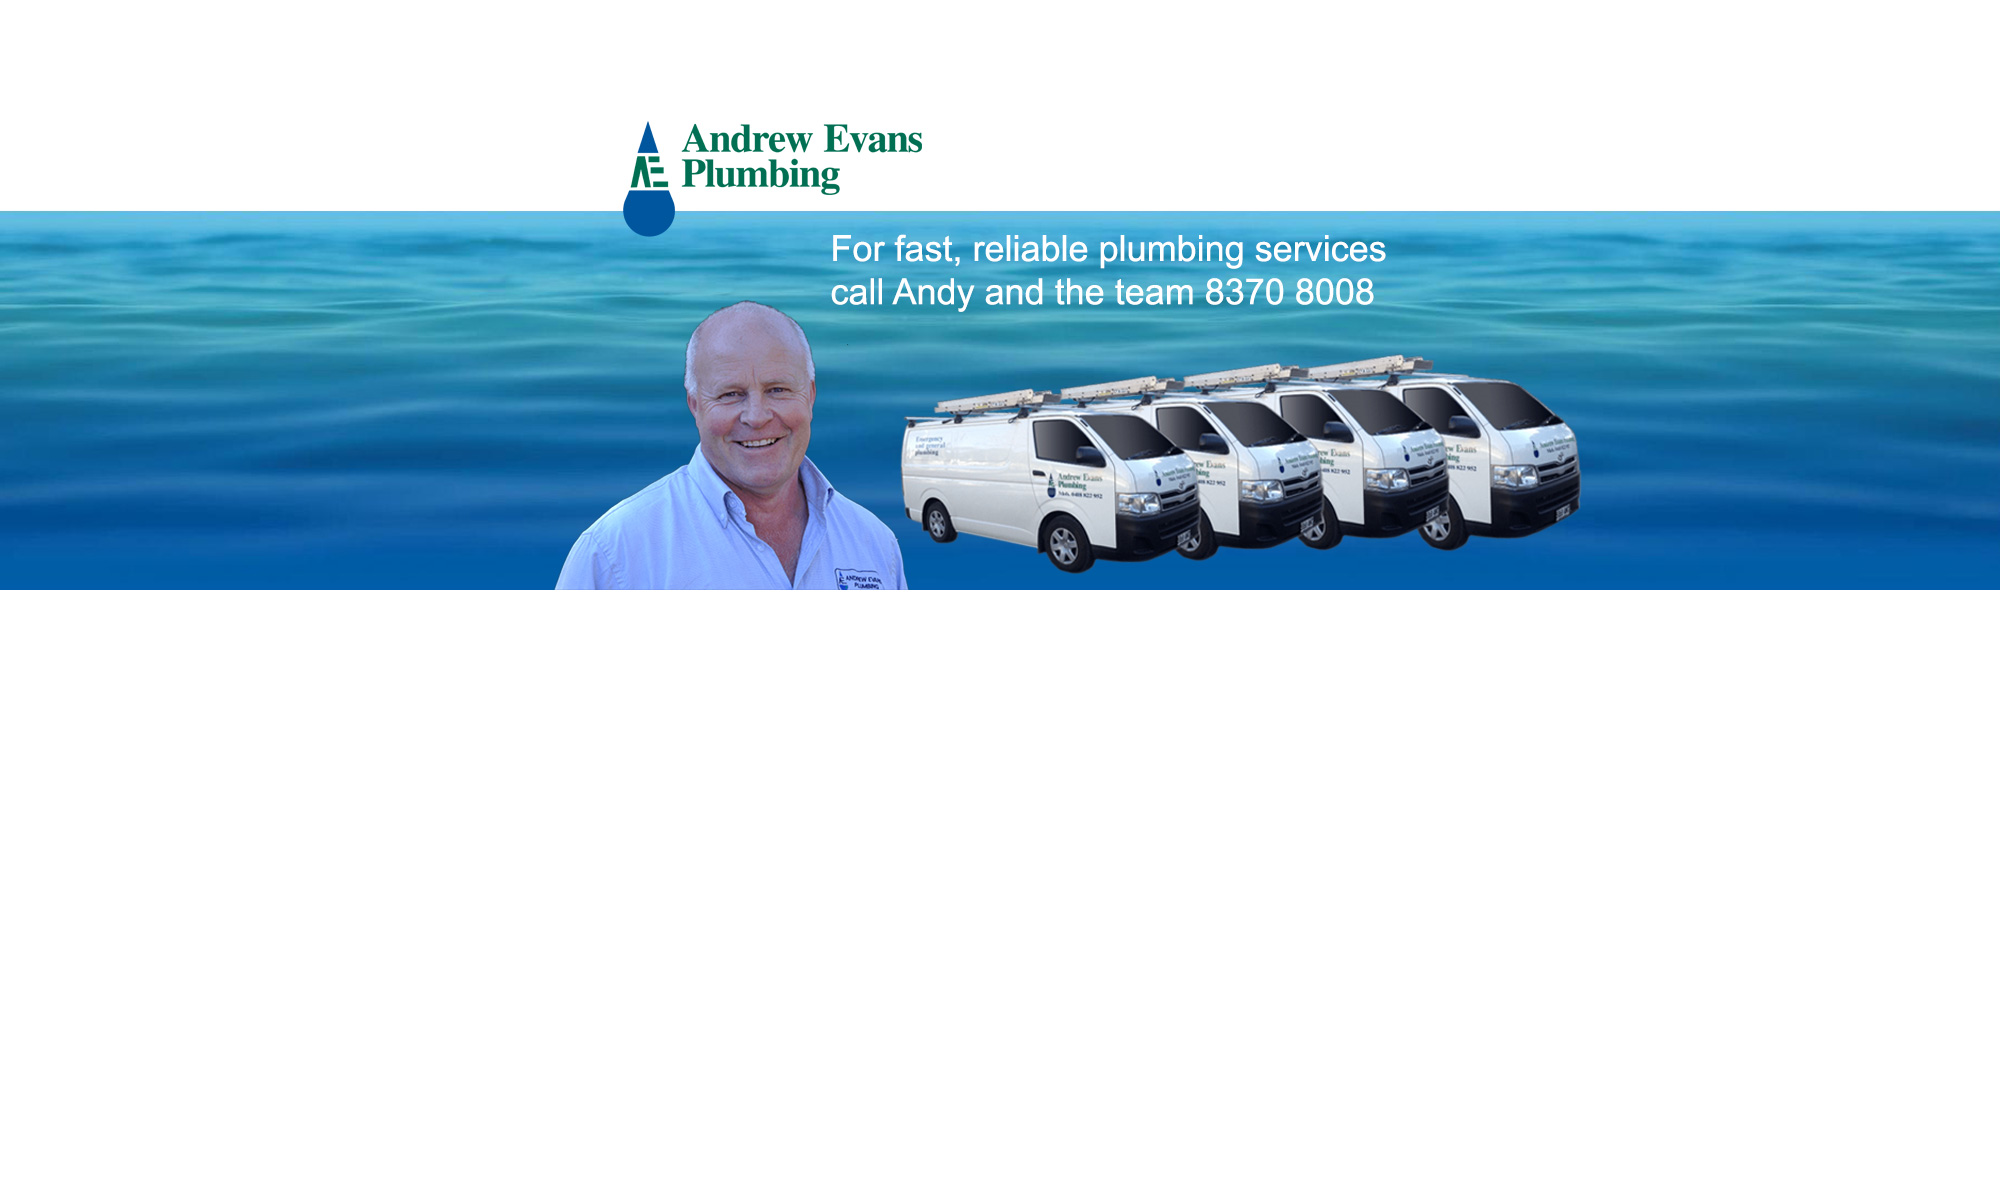 Andrew Evans Plumbing